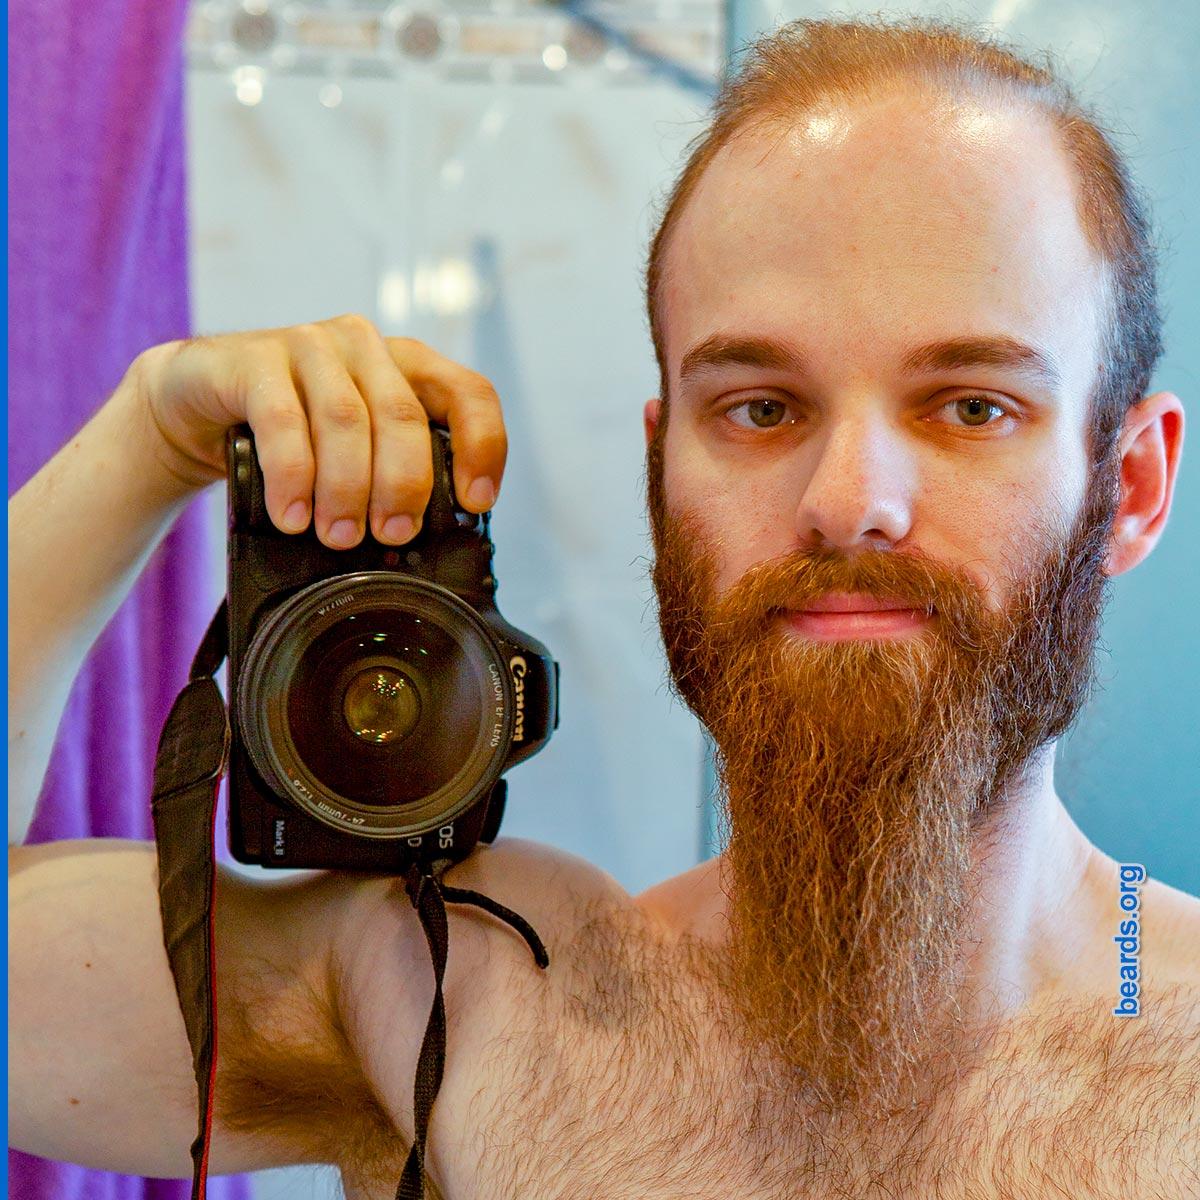 Michael's beard in 2016